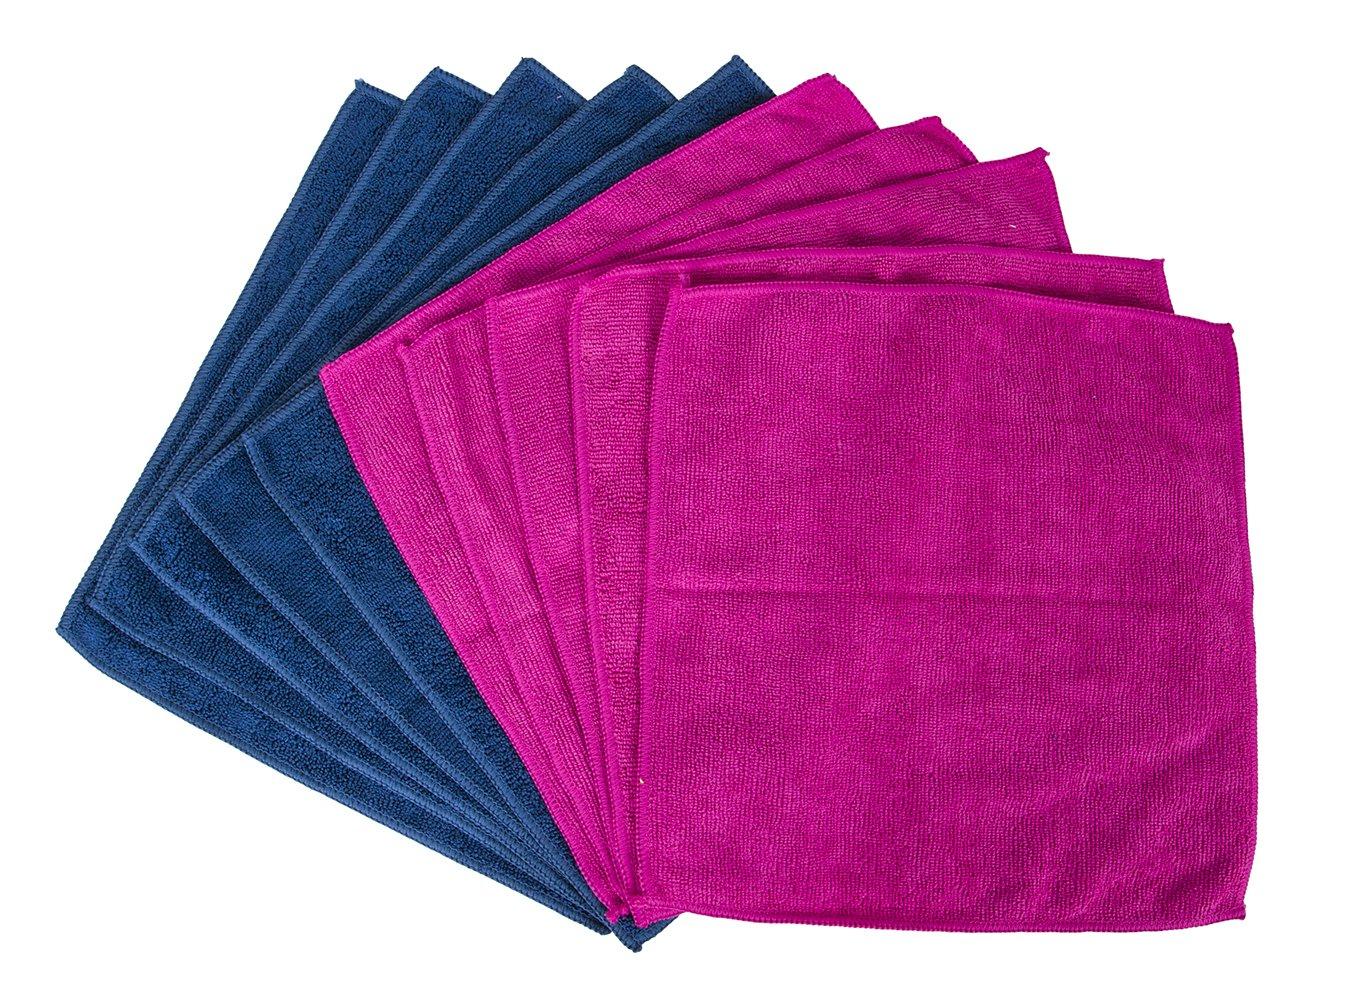 Evriholder SCM10-AMZ Sophisticlean Microfiber Towel 10pk, Blue